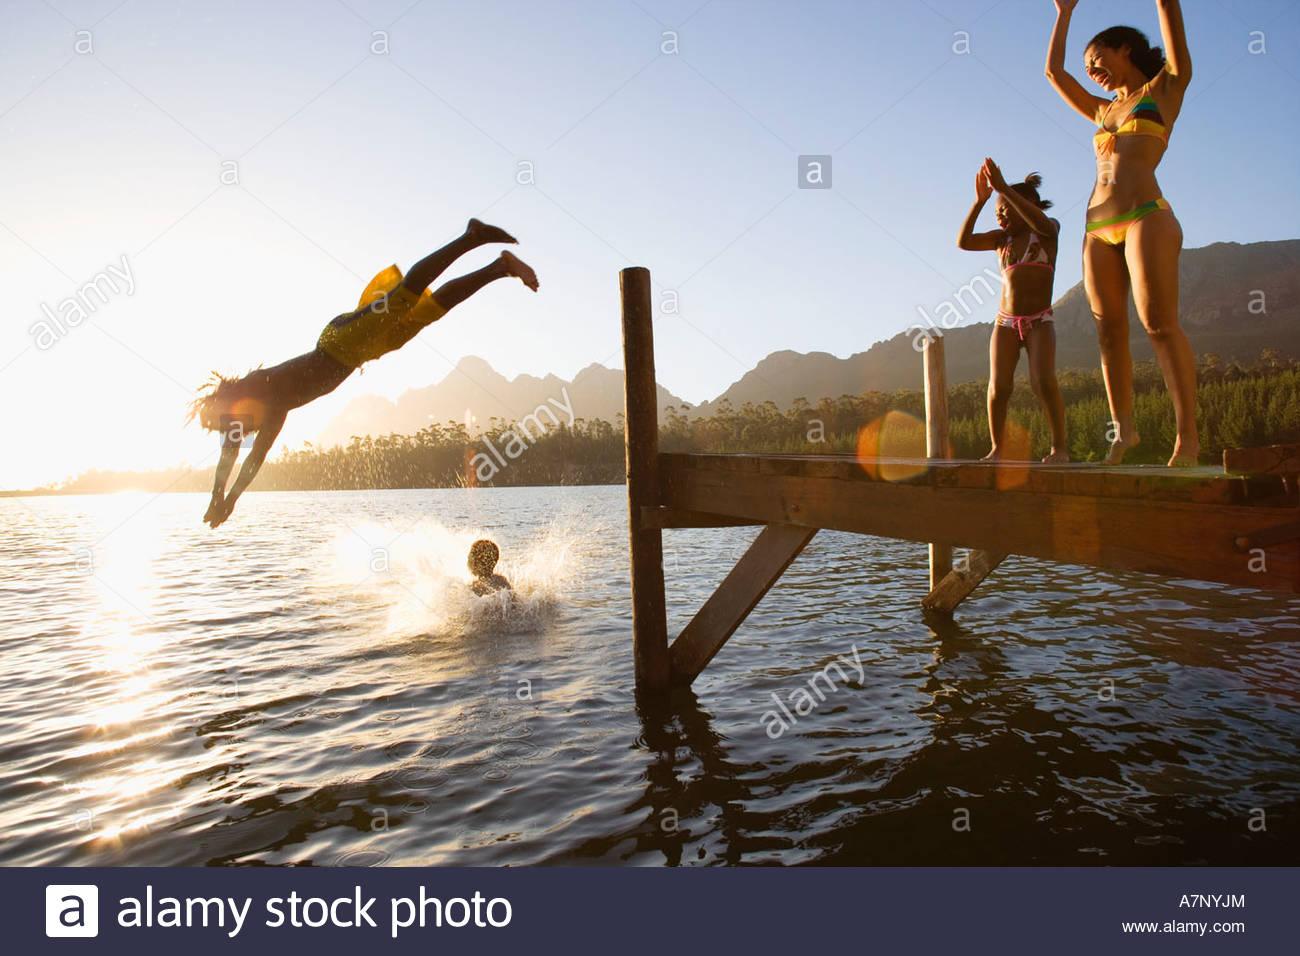 Vater und Sohn 8 10 in Badebekleidung tauchen ab Anlegestelle in See bei Sonnenuntergang Mutter und Tochter 7 9 Stockbild